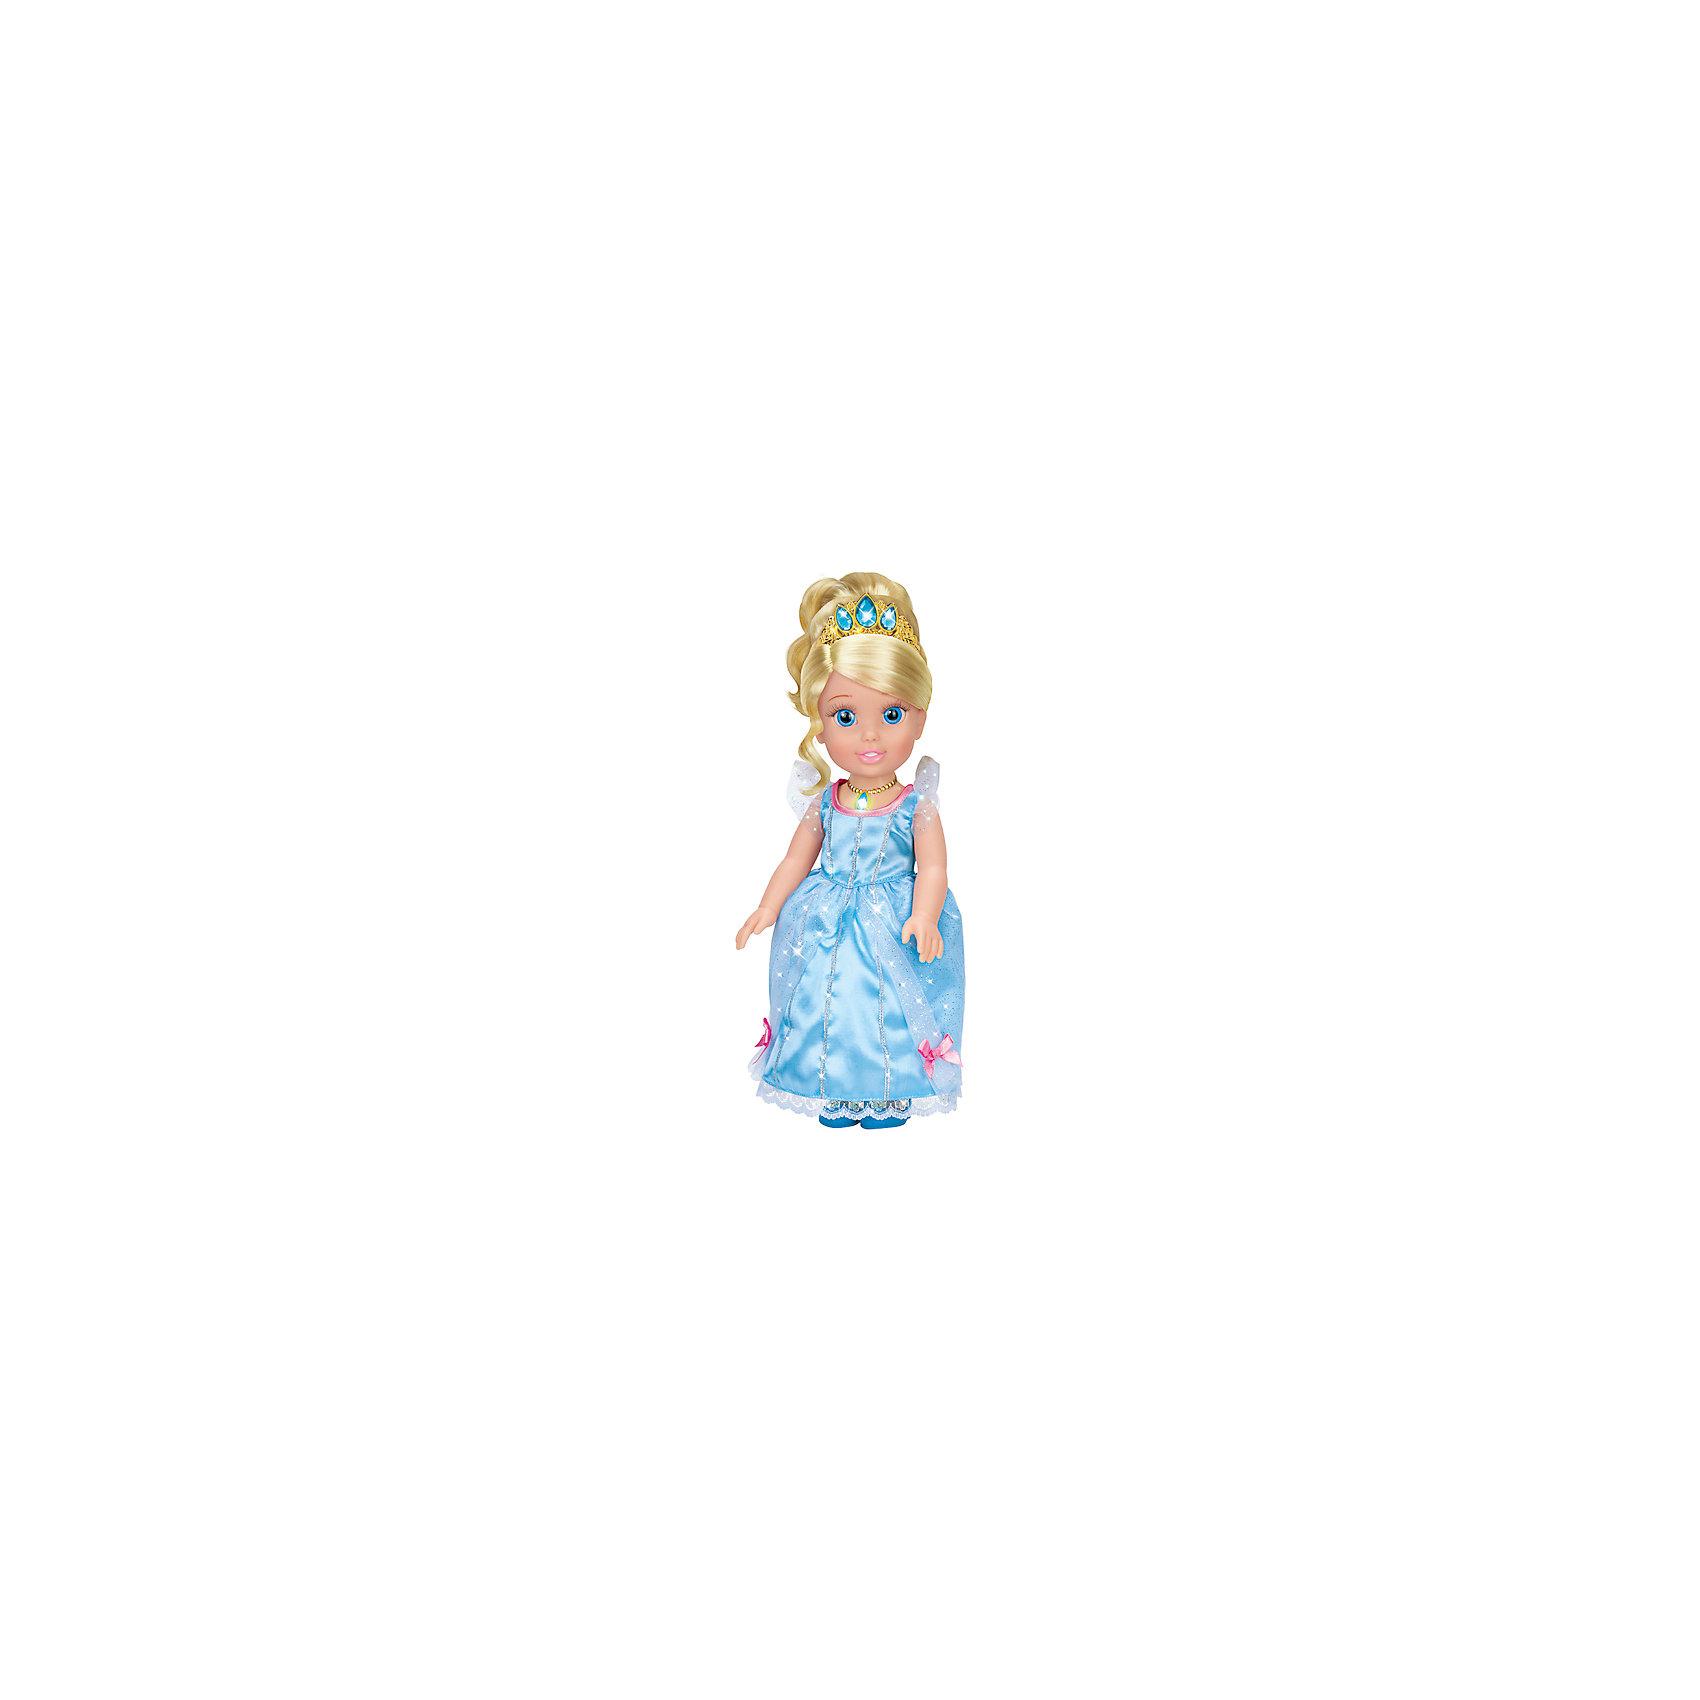 Карапуз Кукла Золушка со светящимся амулетом, 37 см, со звуком, Принцессы Дисней, Карапуз академия групп жесткий пенал золушка принцессы дисней